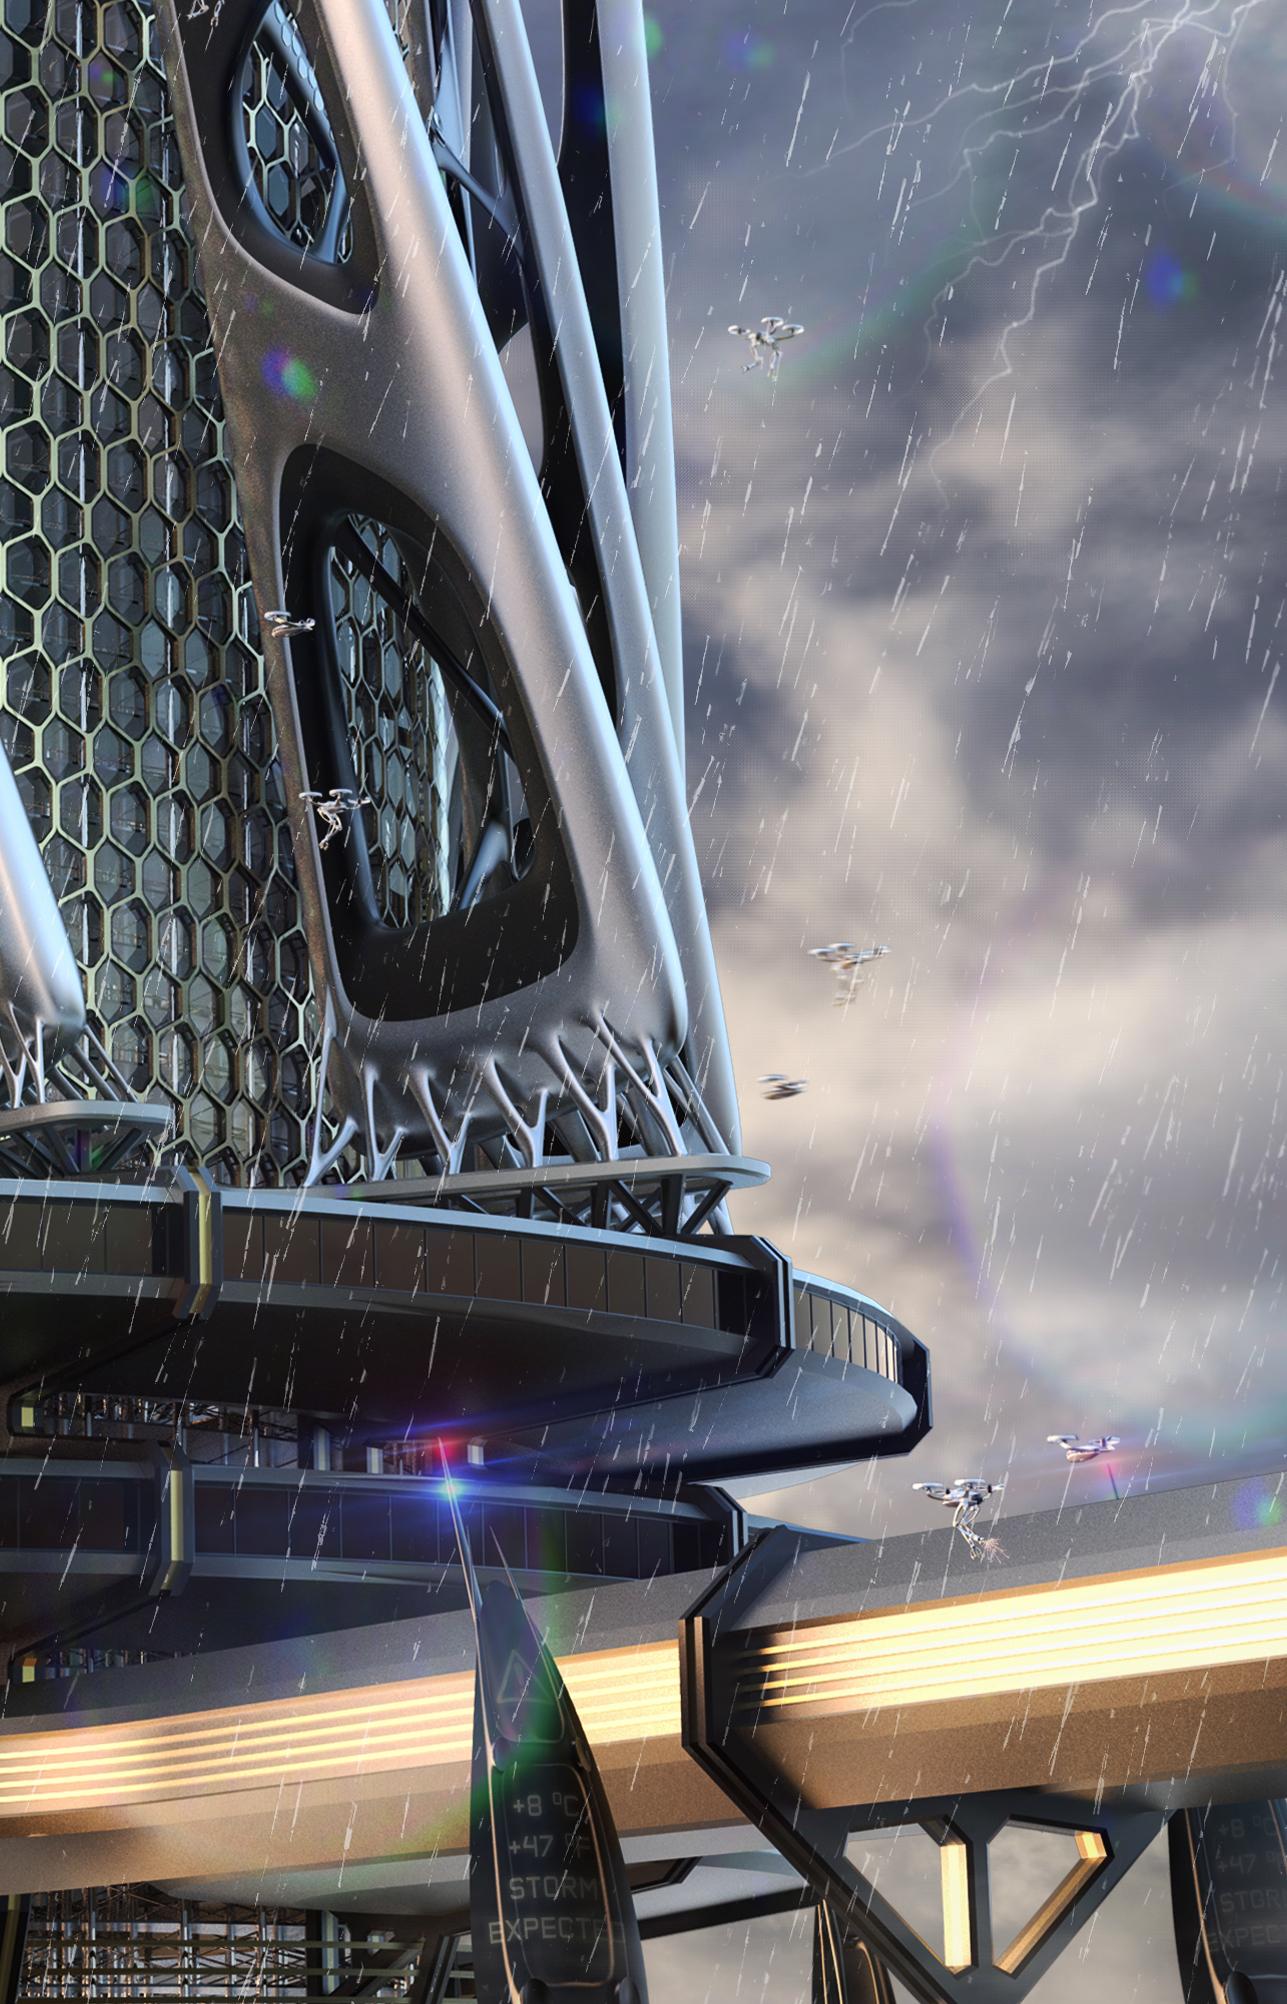 游戏资讯_未来建筑设计 PILLARs of FLUX - 视觉同盟(VisionUnion.com)